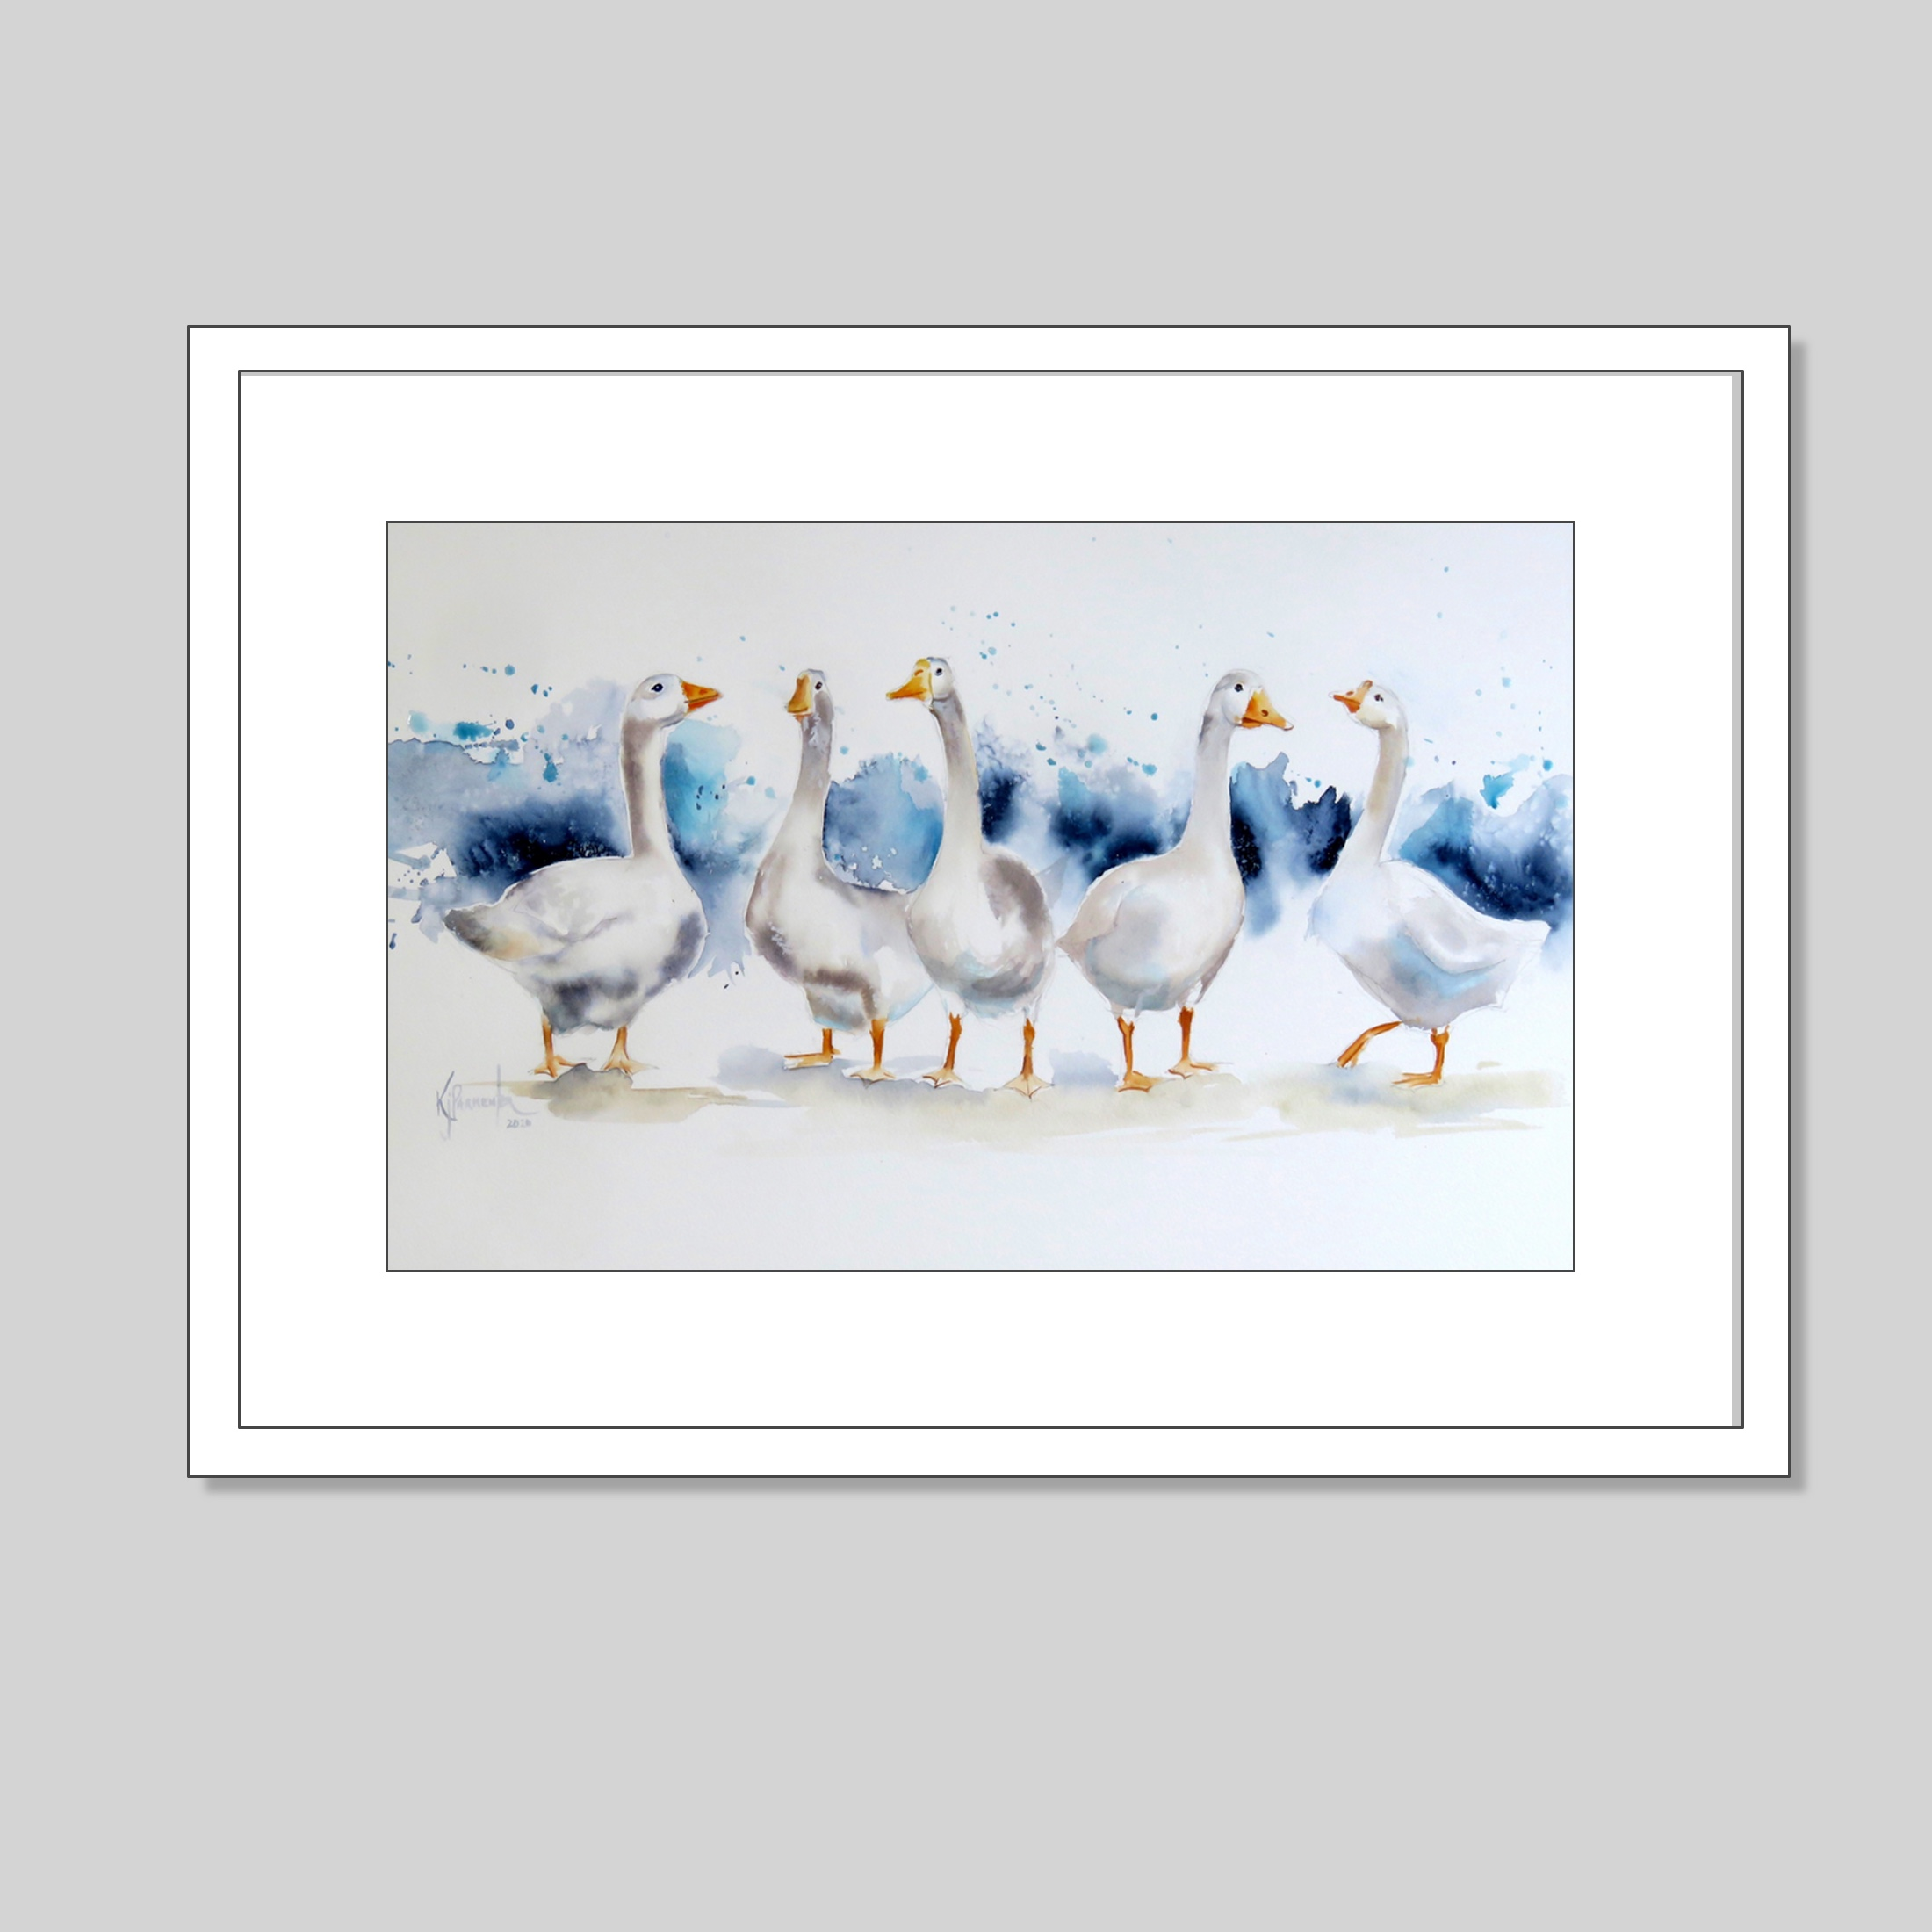 Goose Gander (Sold)